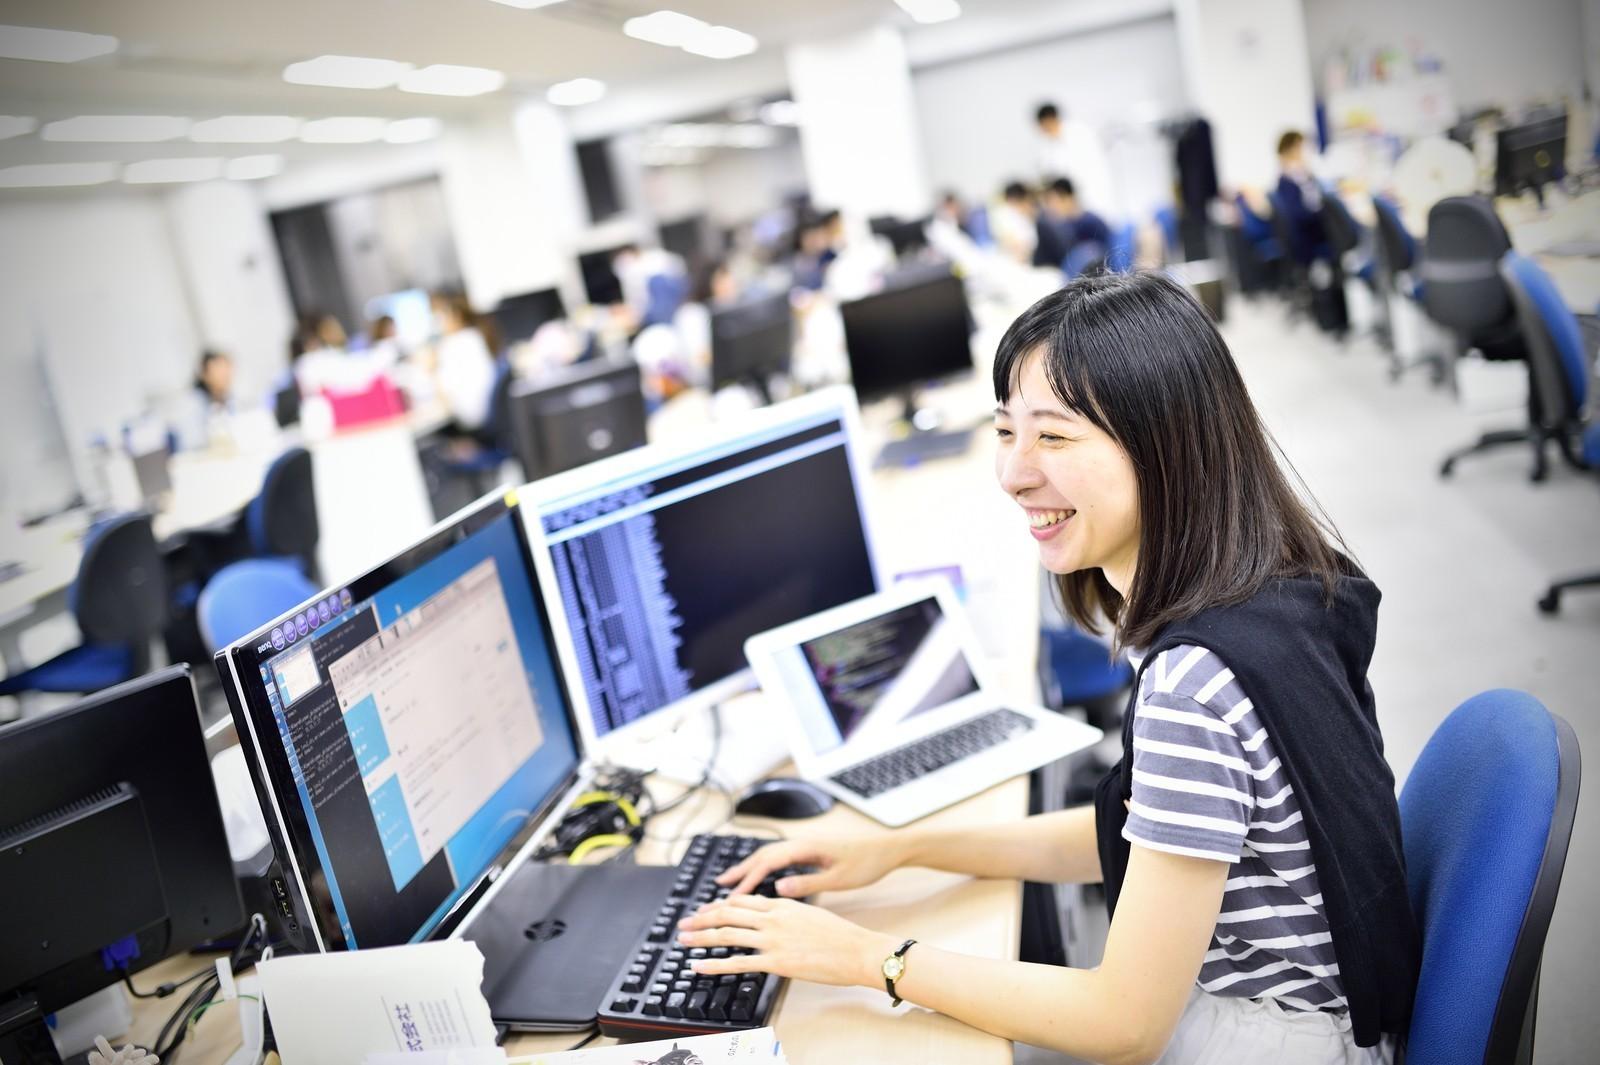 エン・ジャパン株式会社・業界最大級の求人サイト「エン転職」他、大規模サービスを支えるインフラエンジニア募集!